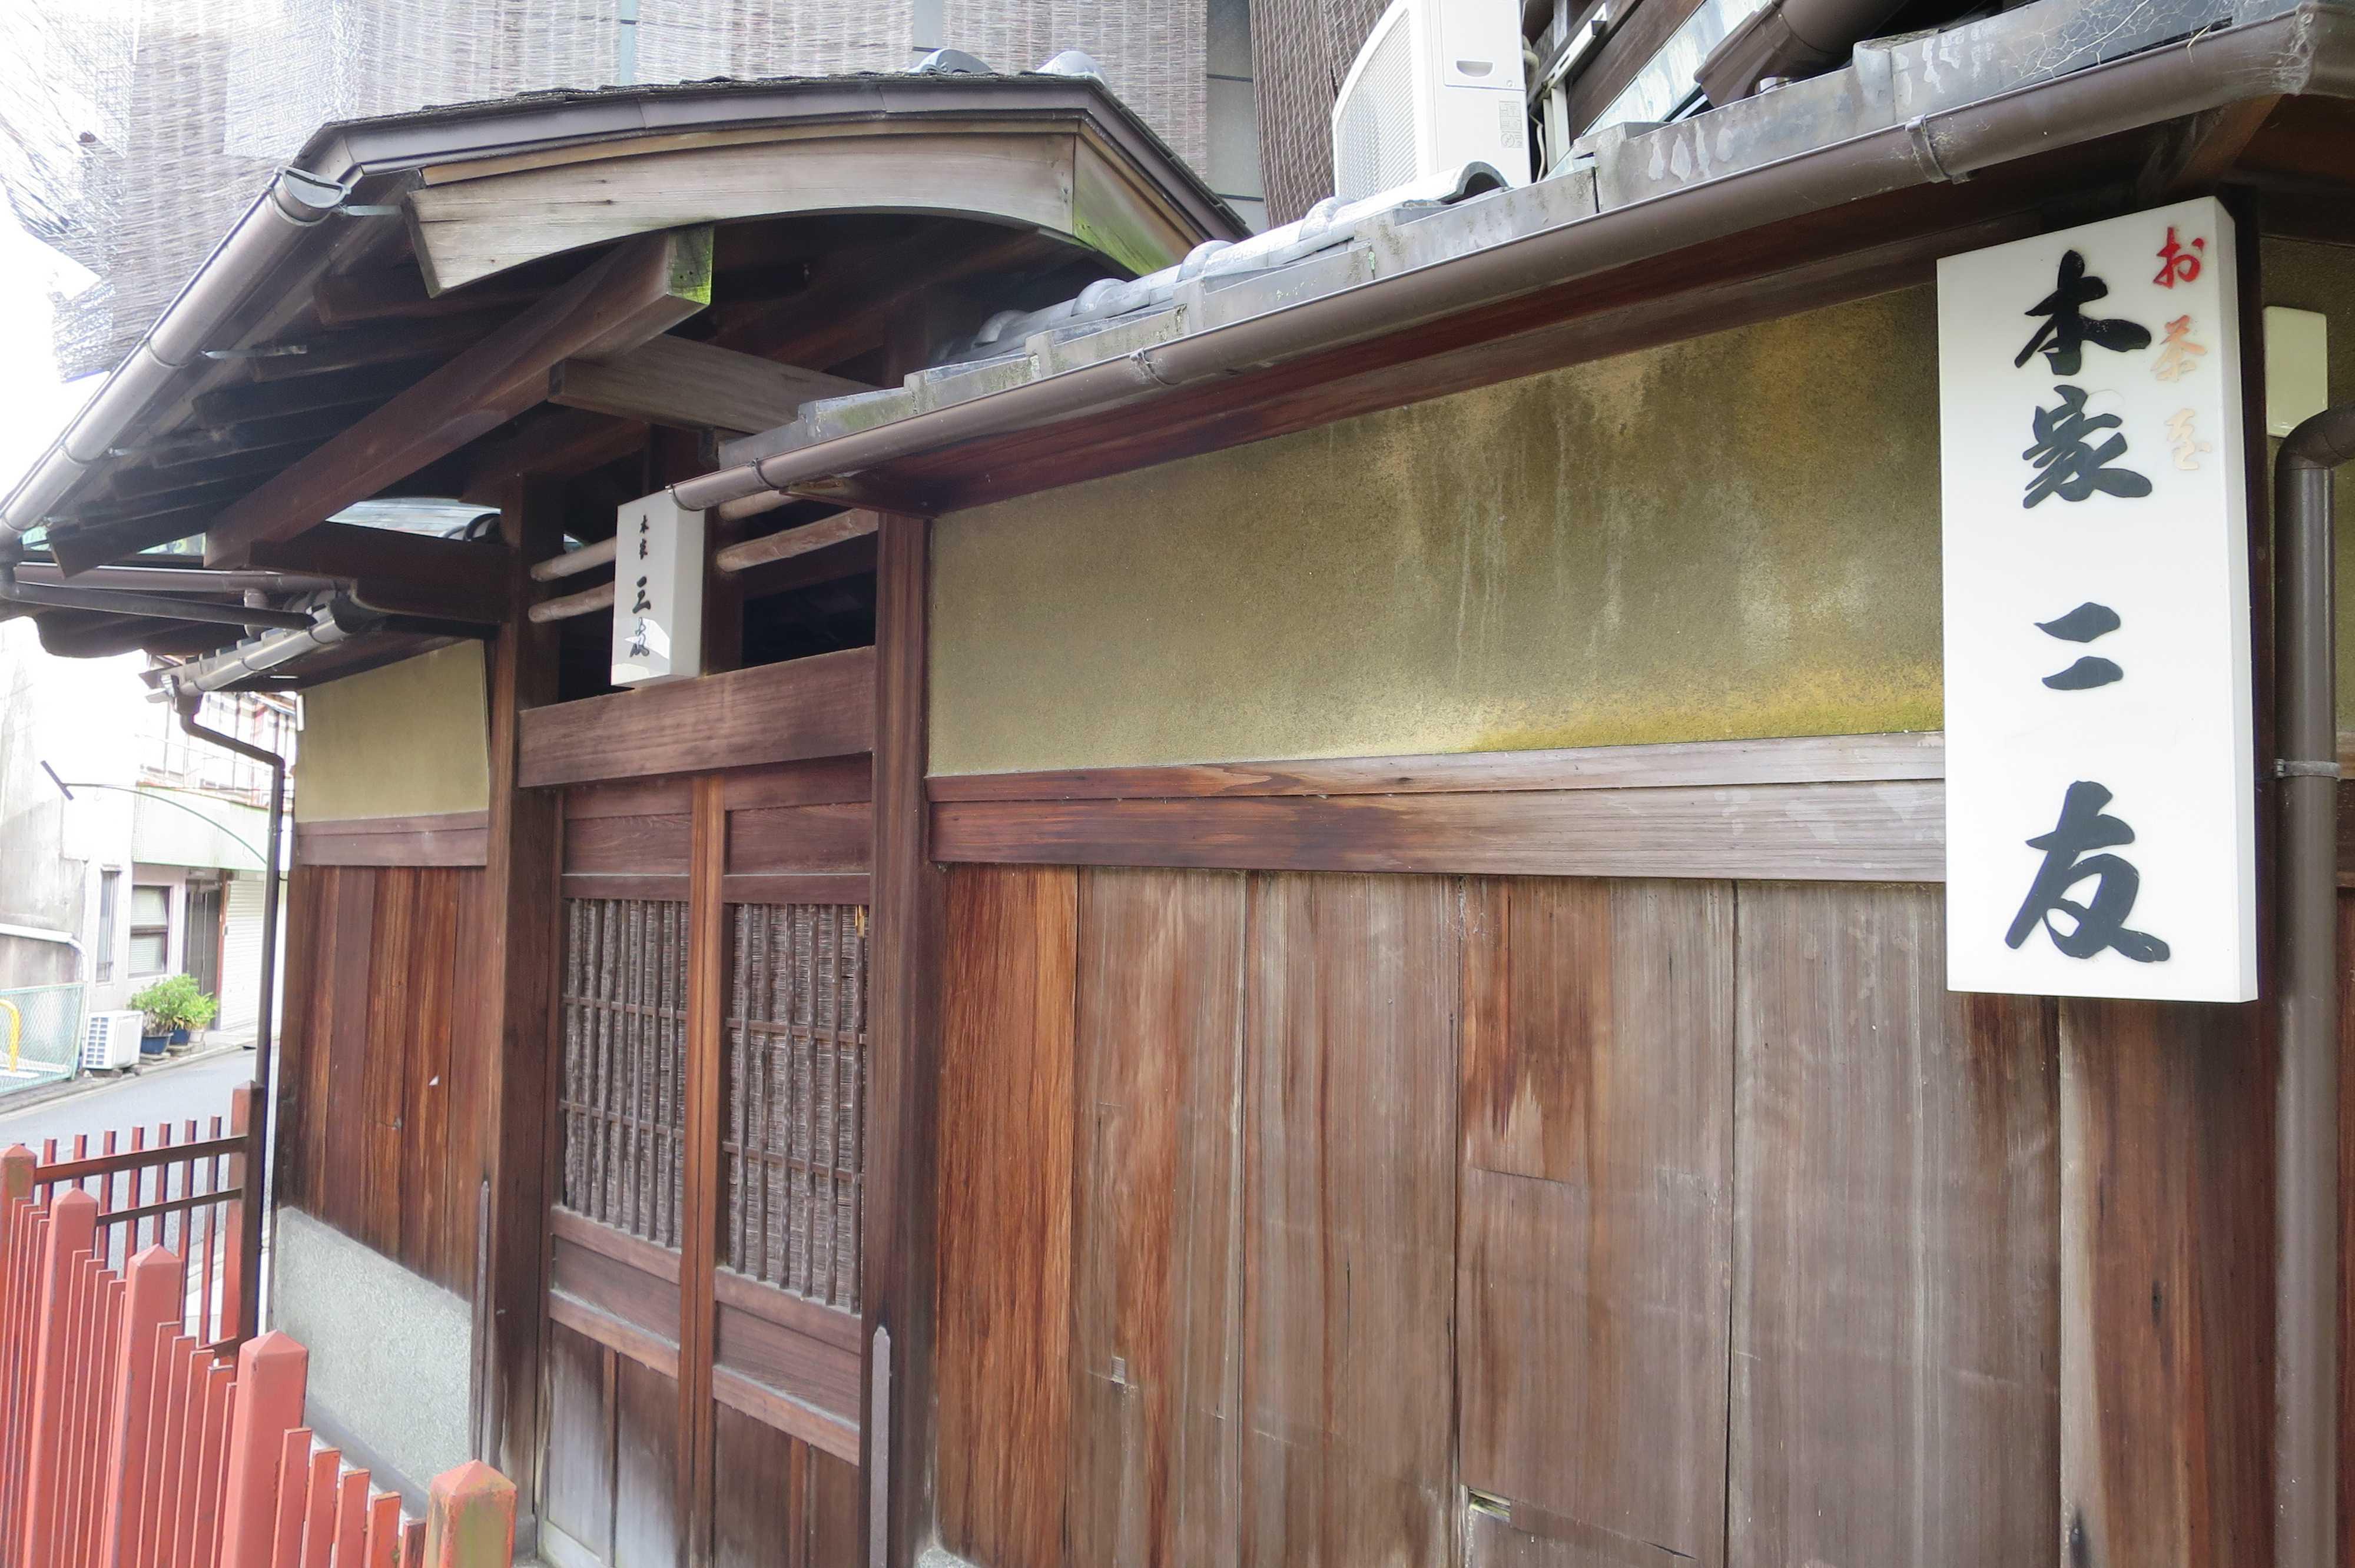 京都・五条楽園 - お茶屋 本家三友の表札